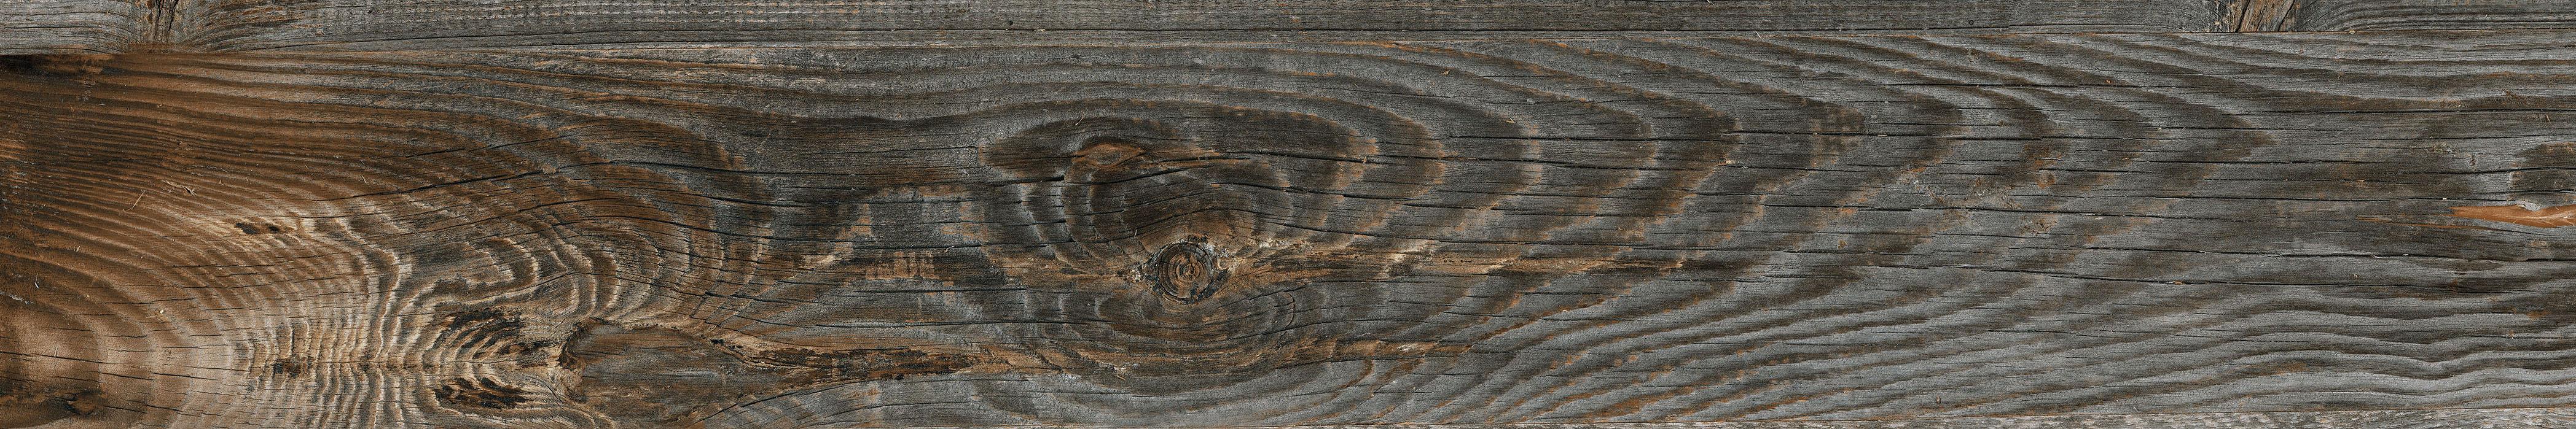 0591270, Artwood, Tummanharmaa, lattia,pakkasenkesto,liukastumisenesto